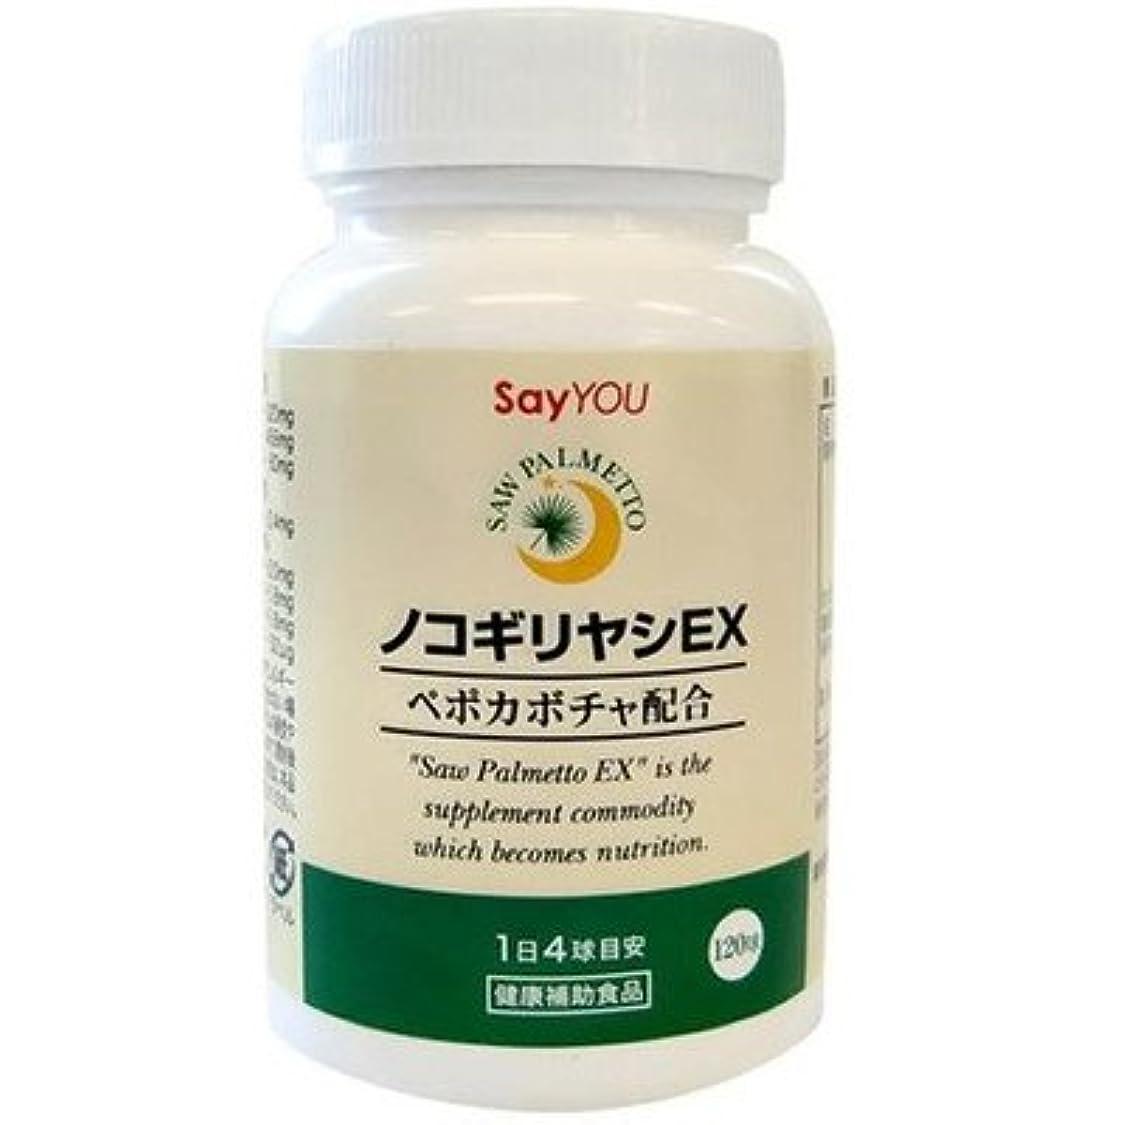 疲れた不適いたずらなセイユーコーポレーション ノコギリヤシEX 健康補助食品 120球 (約30日分)